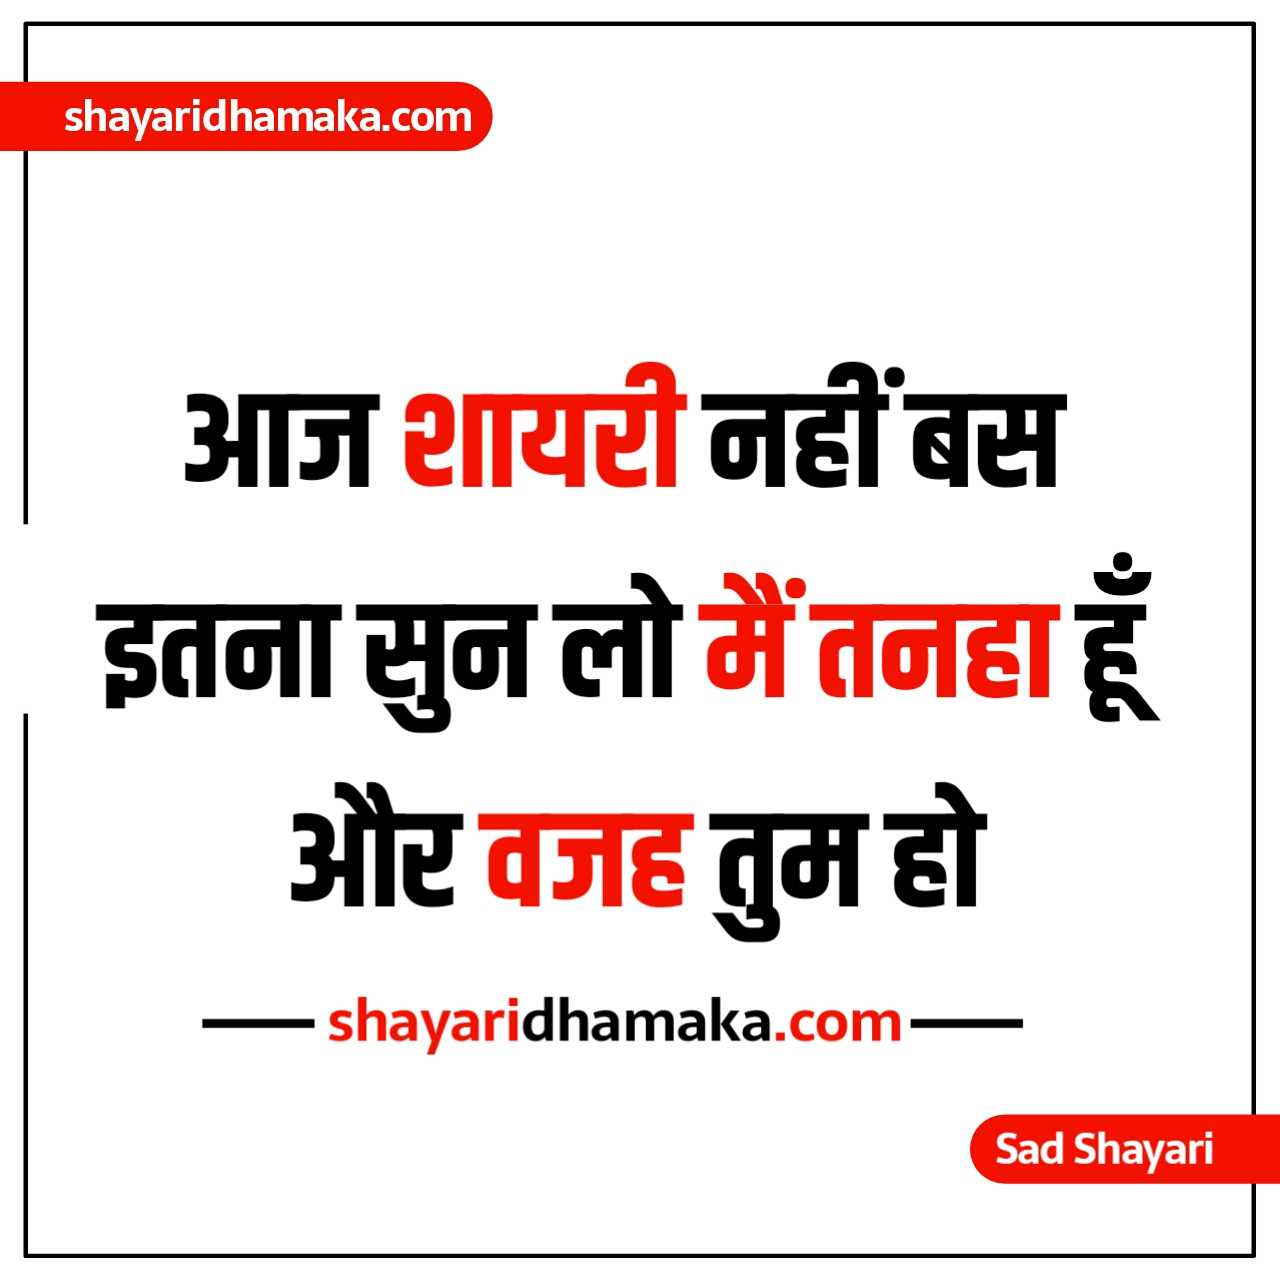 आज शायरी नहीं बस - Sad Shayari